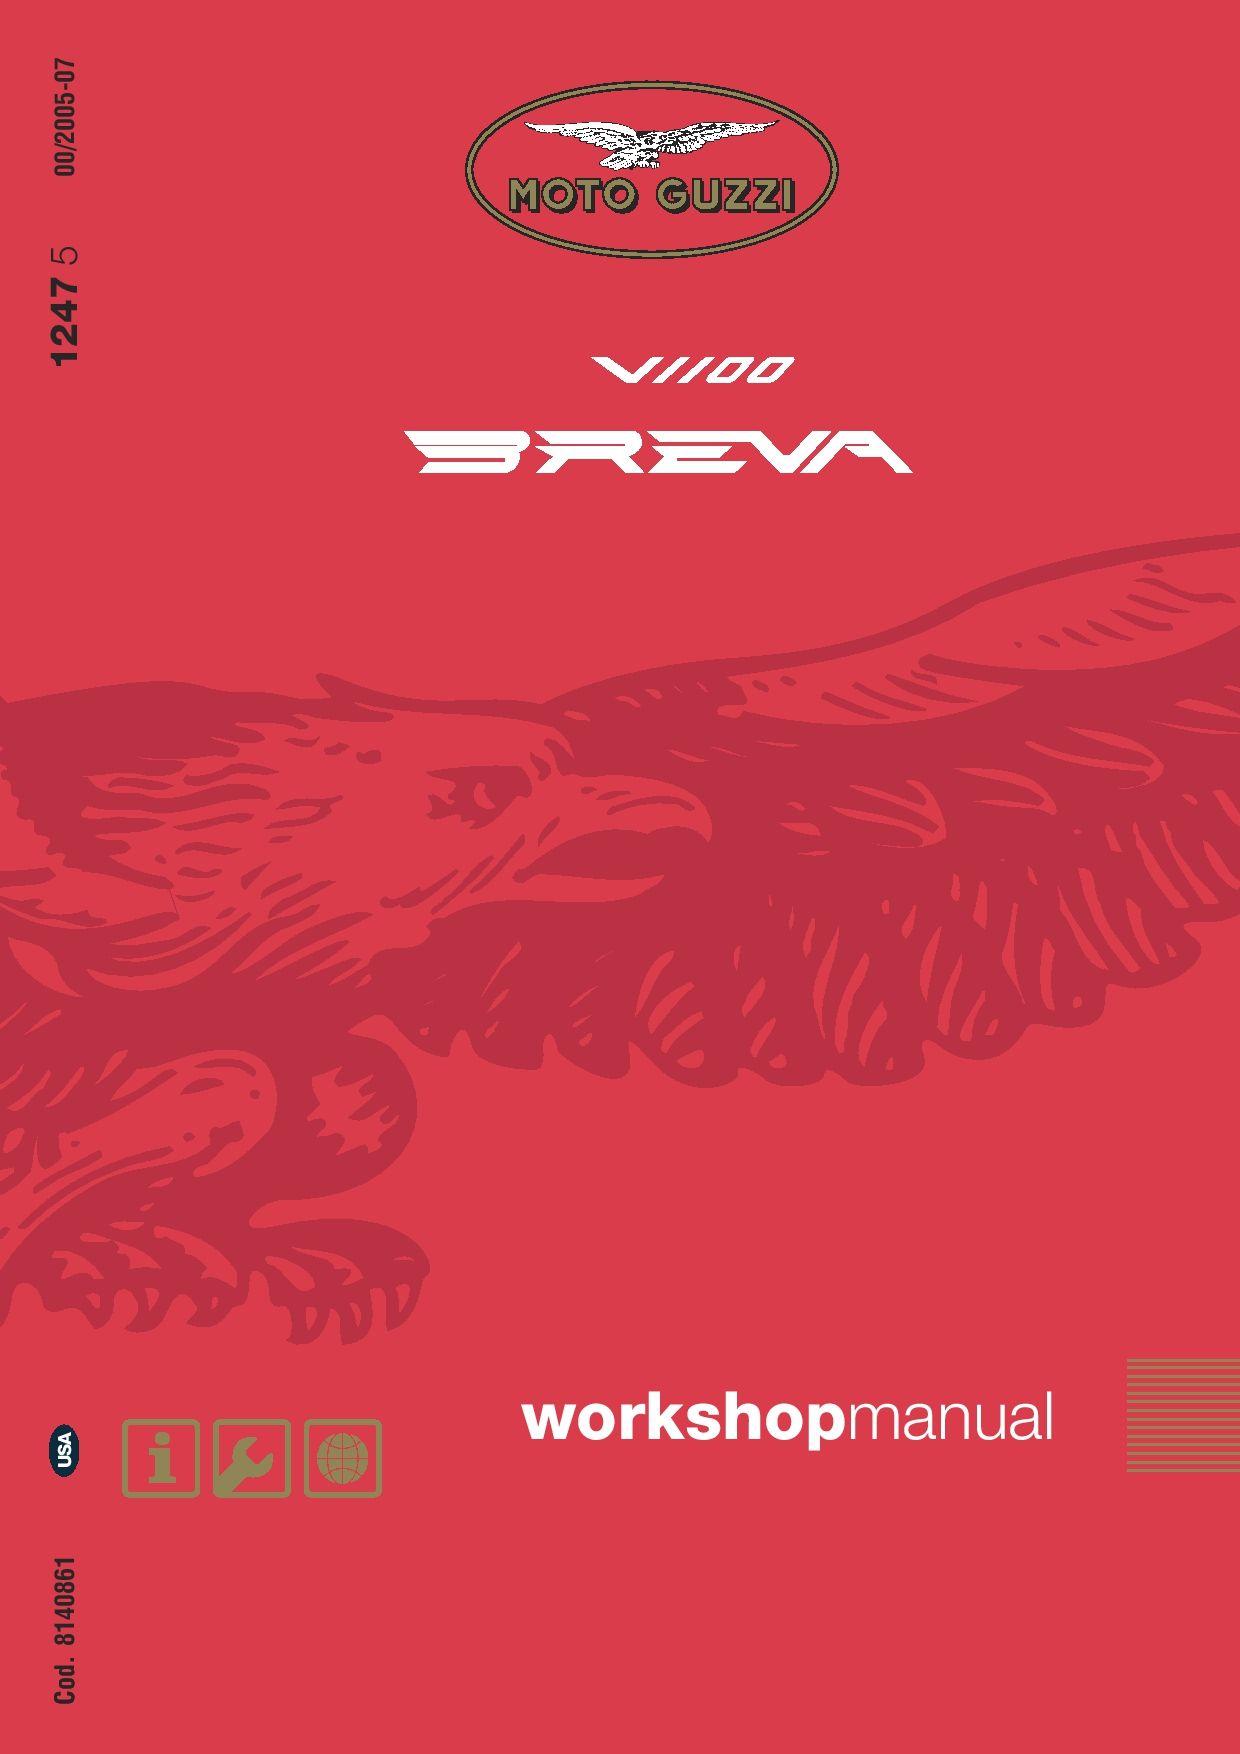 Moto Guzzi Breva 1100 V 2005 Repair Manual Pdf Download Service Manual Repair Manual Pdf Download Repair Manuals Repair And Maintenance Repair